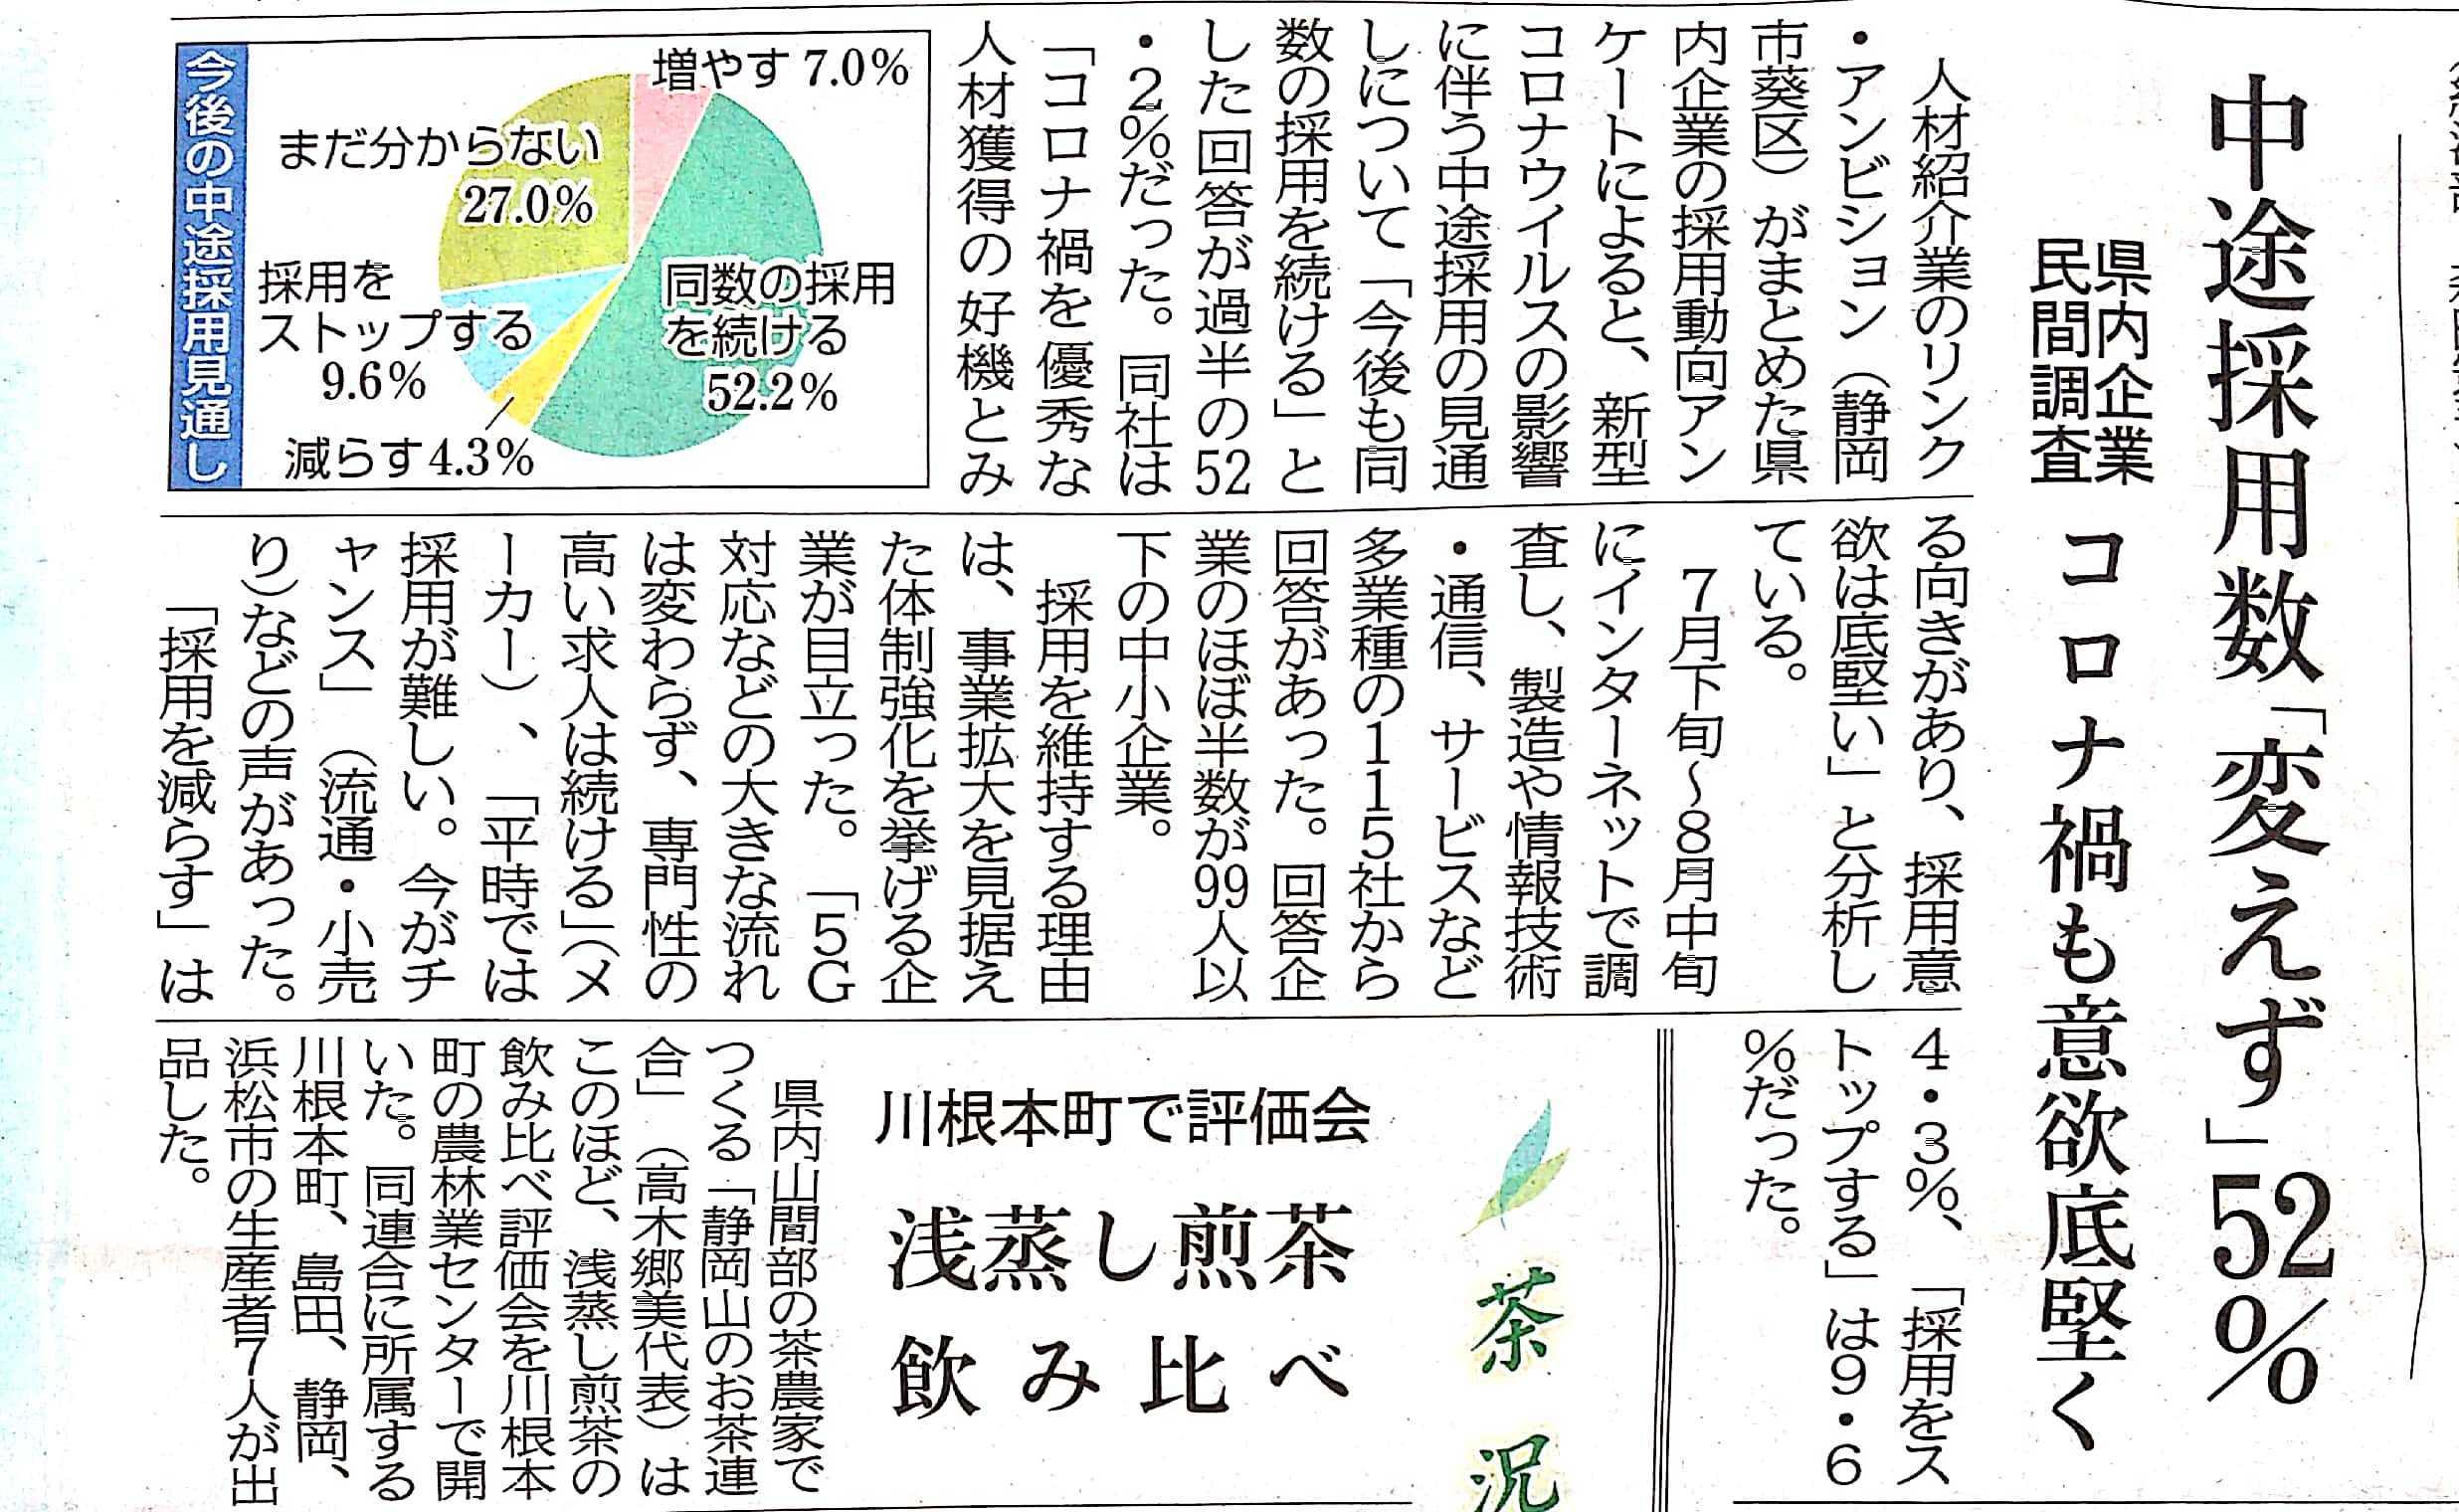 静岡新聞(日刊)2020年9月16日